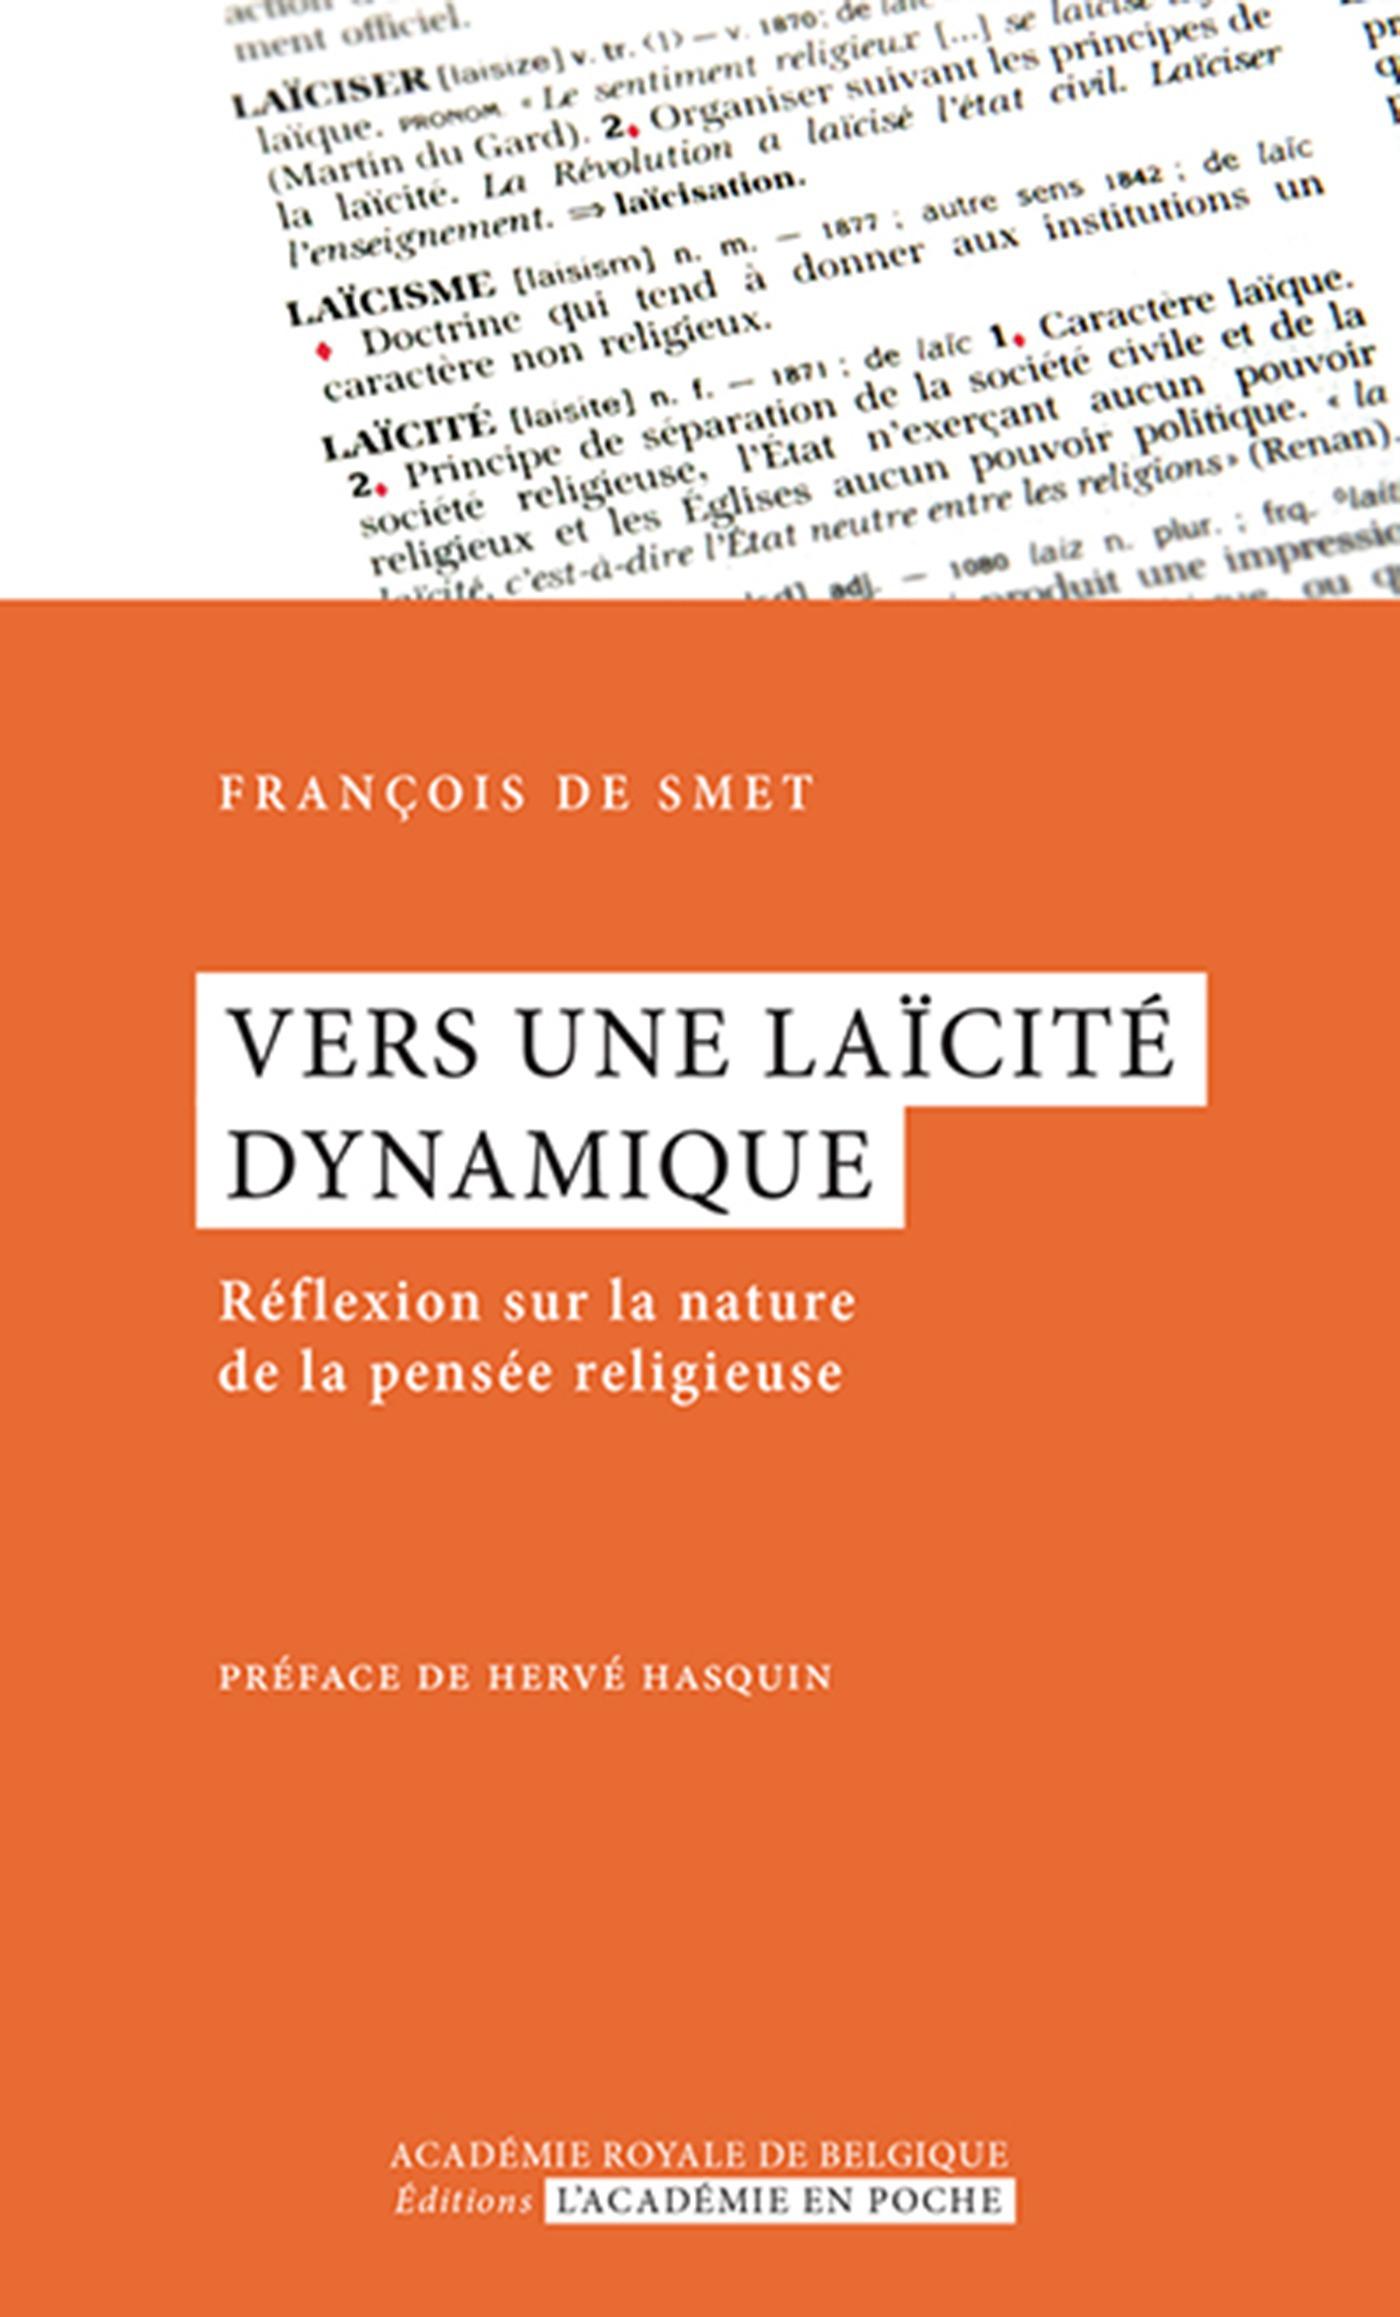 Vers une laïcité dynamique ; réflexion sur le nature de la pensée religieuse